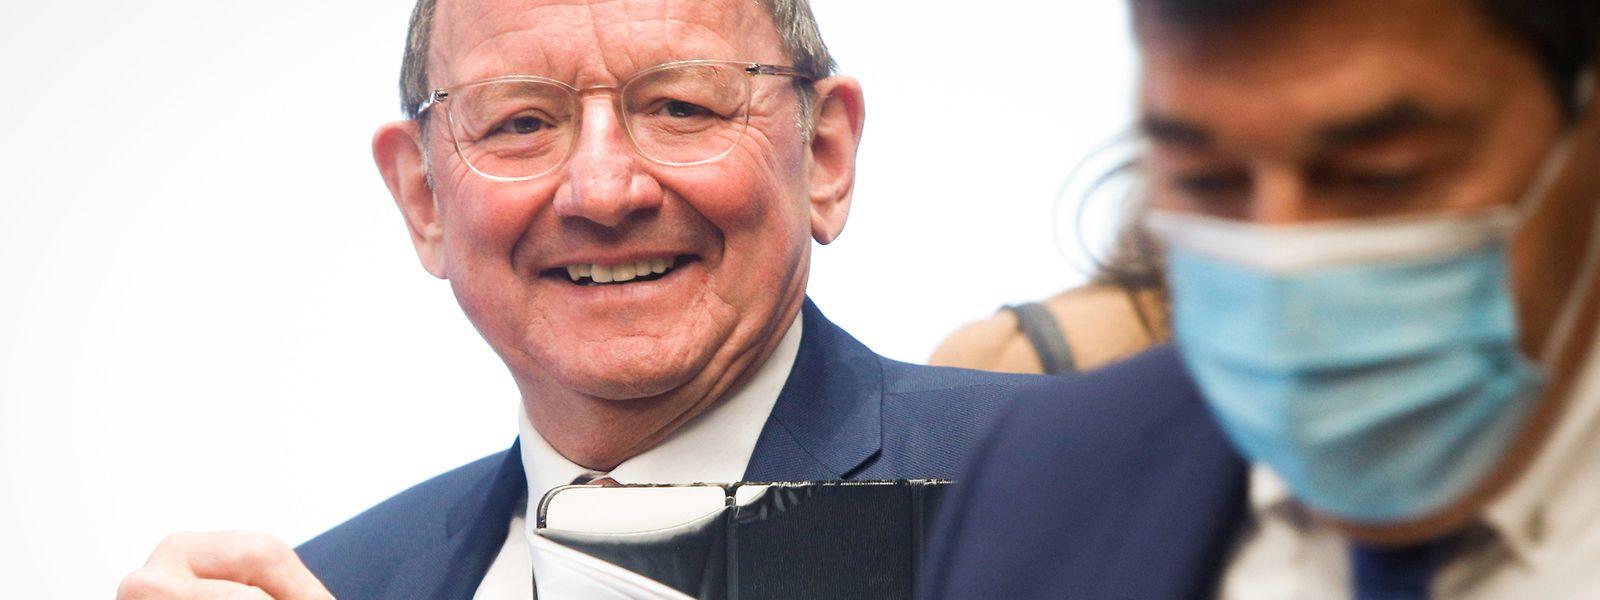 Parlamentspräsident Fernand Etgen blickt auf ein arbeitsreiches parlamentarisches Jahr zurück.